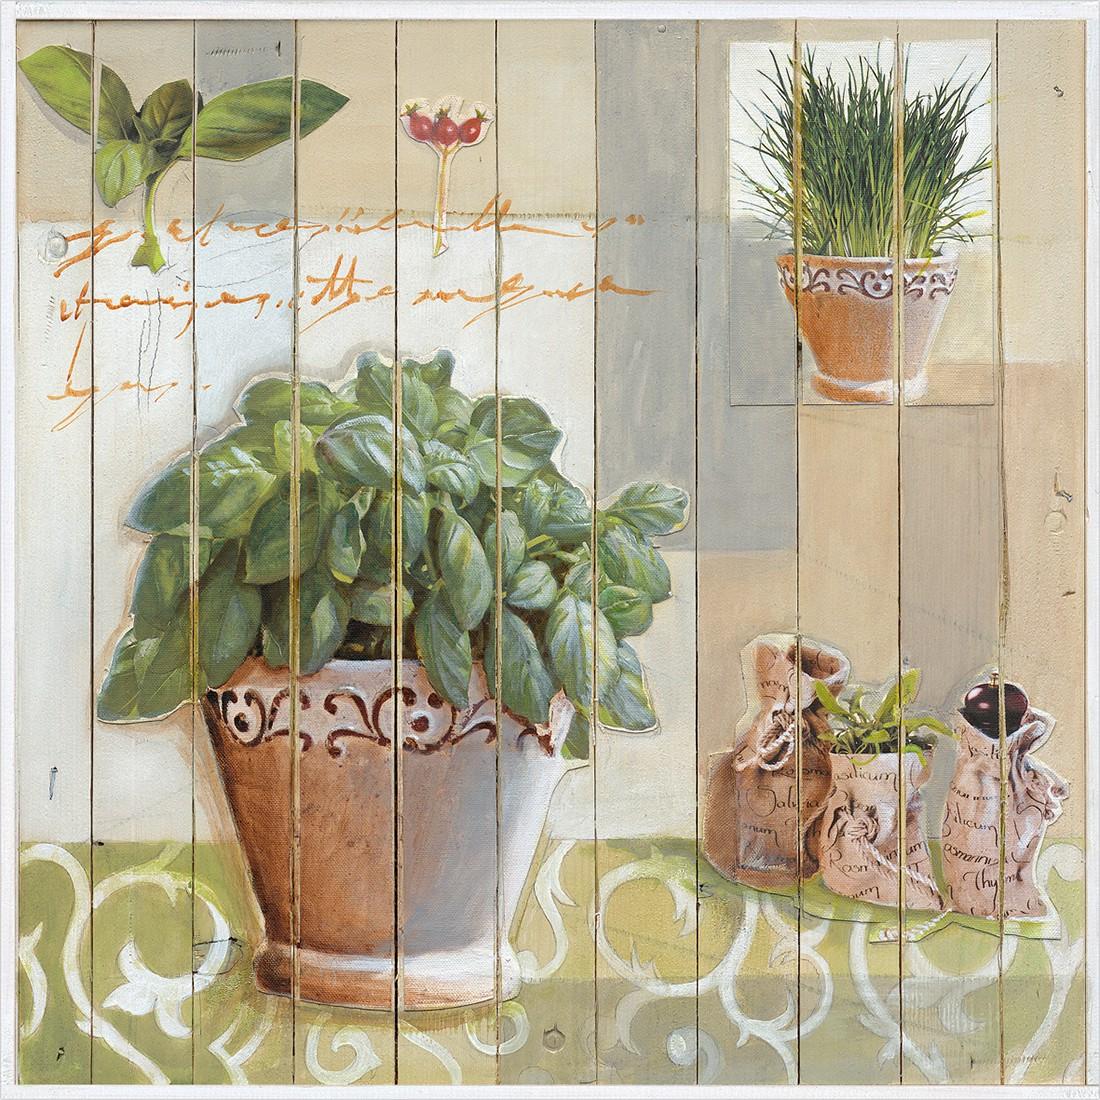 Leinwandbild Kräuterküche II 30×30, Pro Art jetzt bestellen